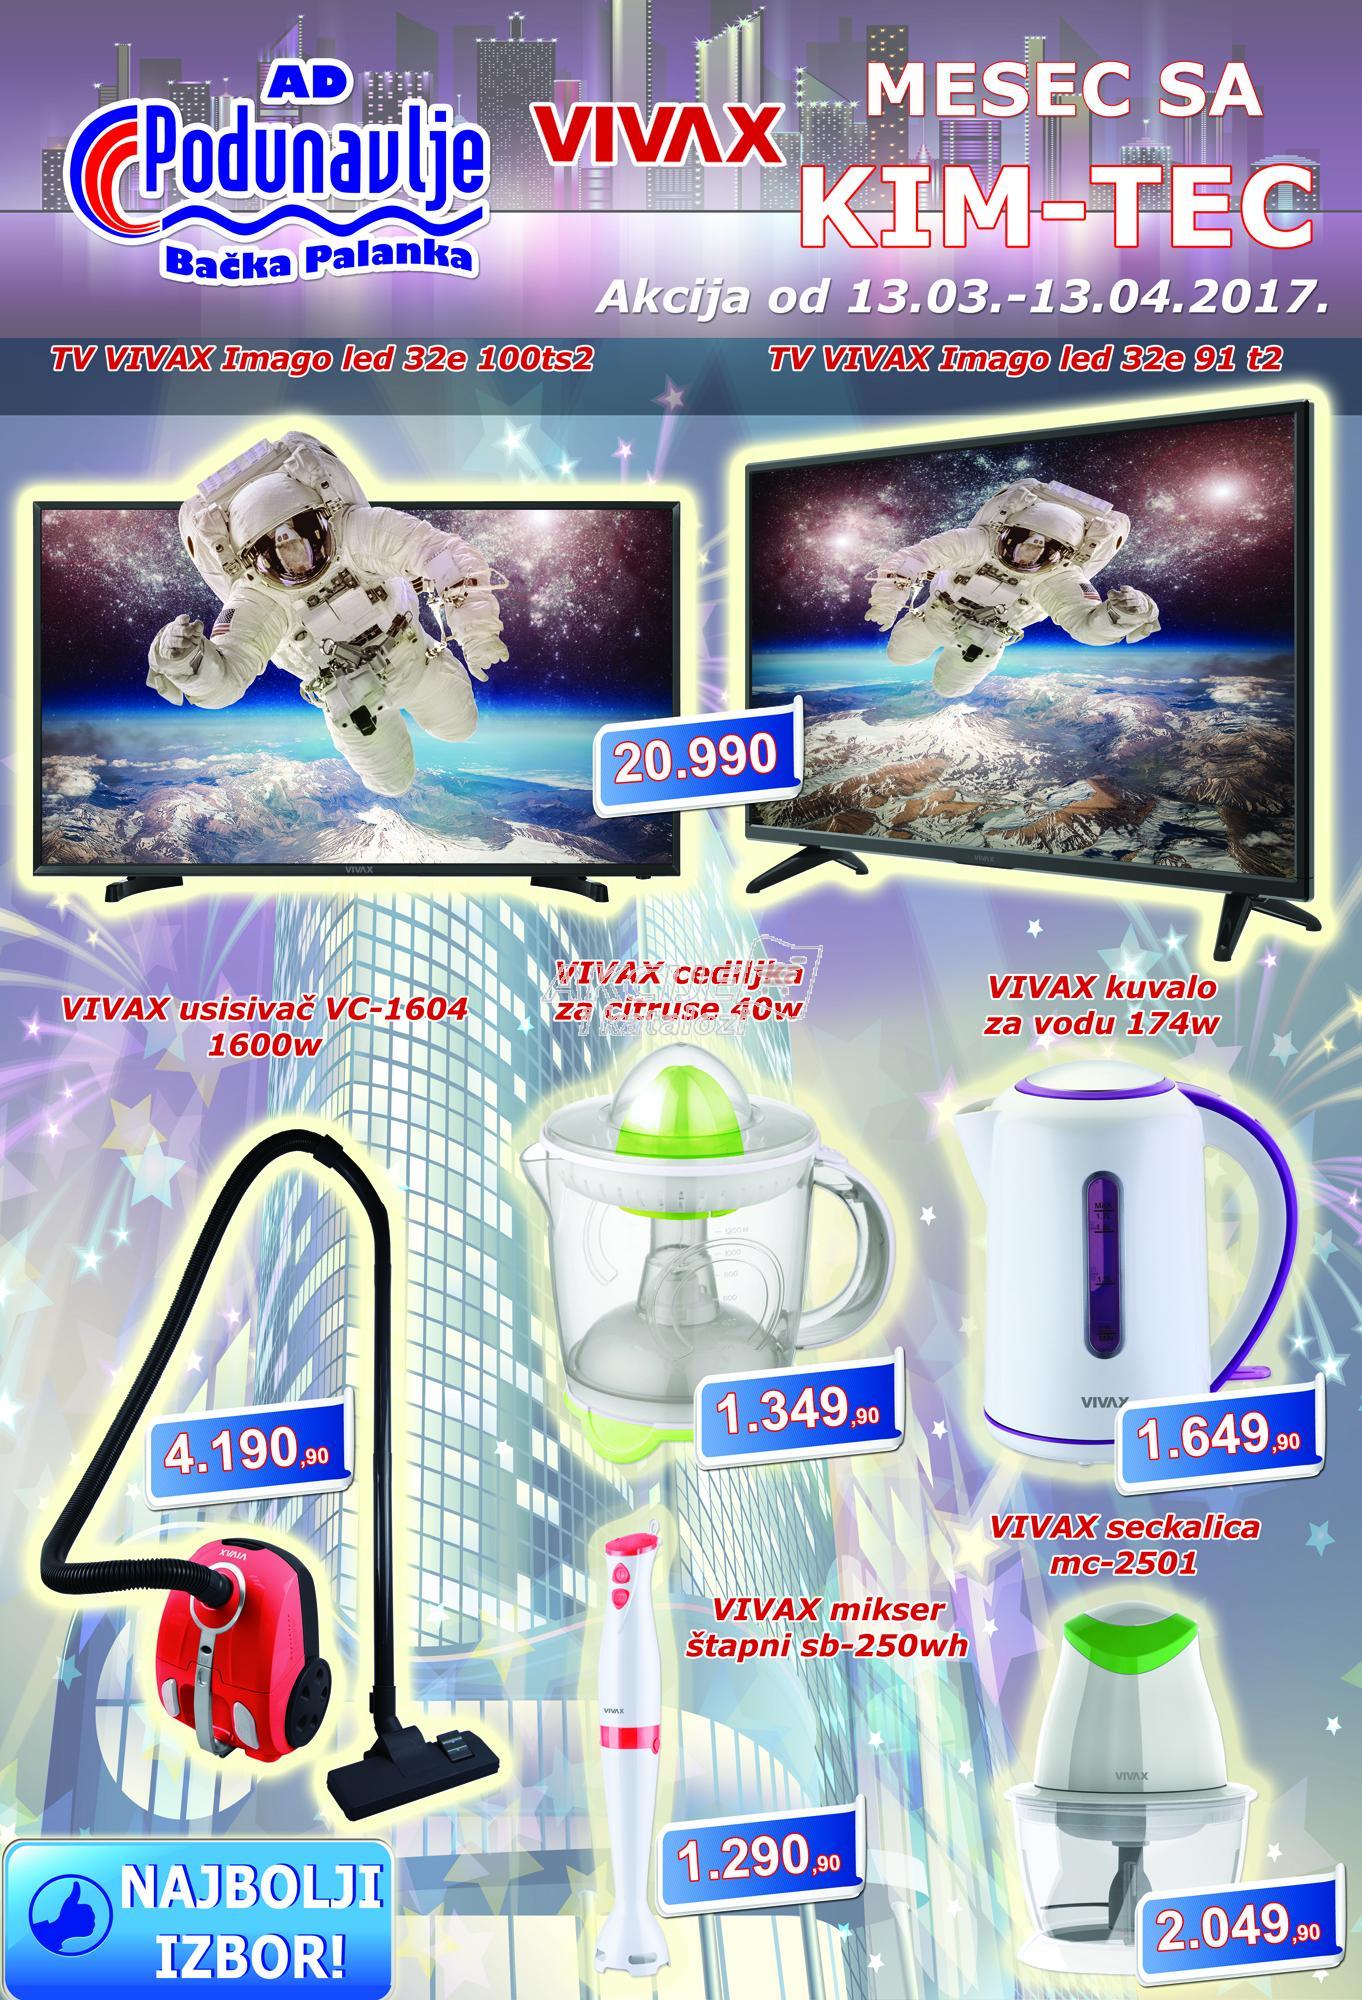 AD Podunavlje - Redovna akcija super cena